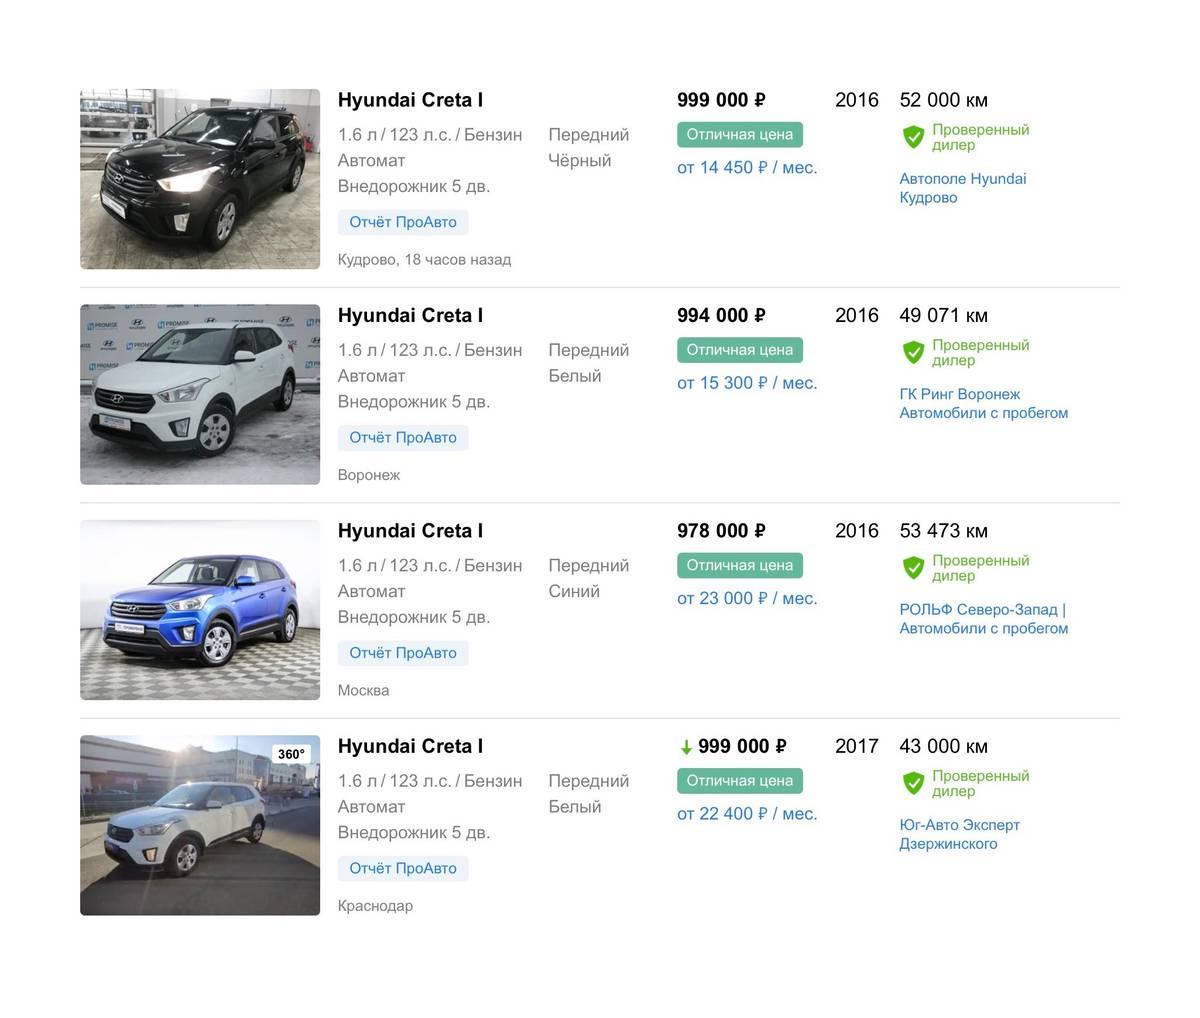 Цены на близкие к моим параметрам авто на сайте «Авто-ру»